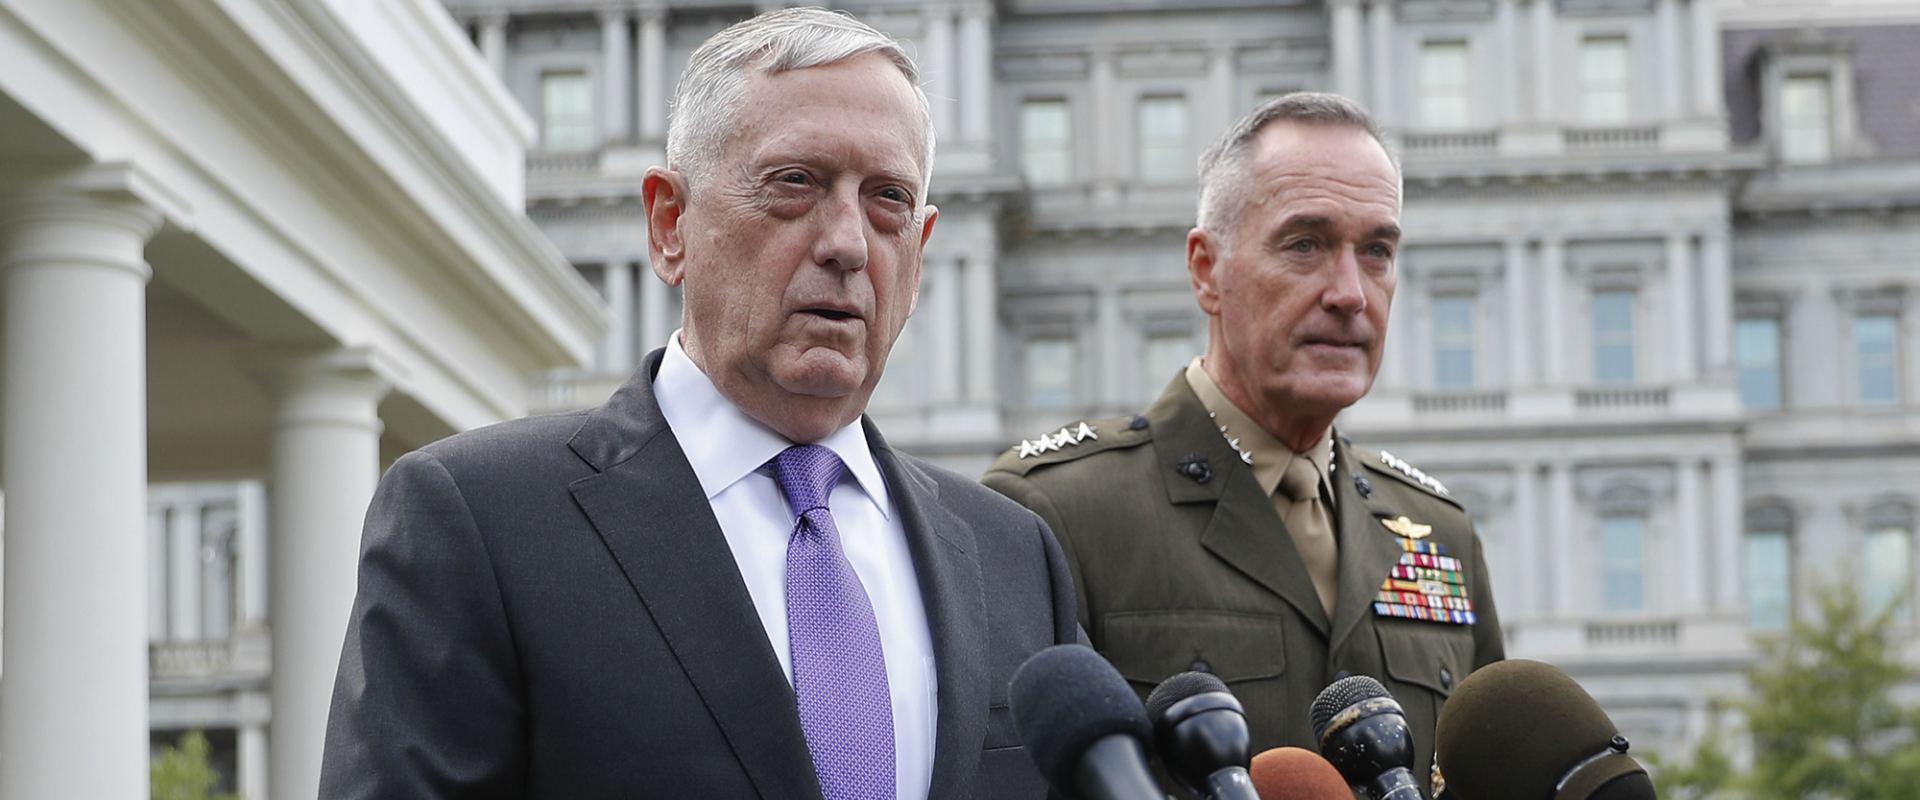 מזכיר ההגנה האמריקאי מאטיס (משמאל), היום